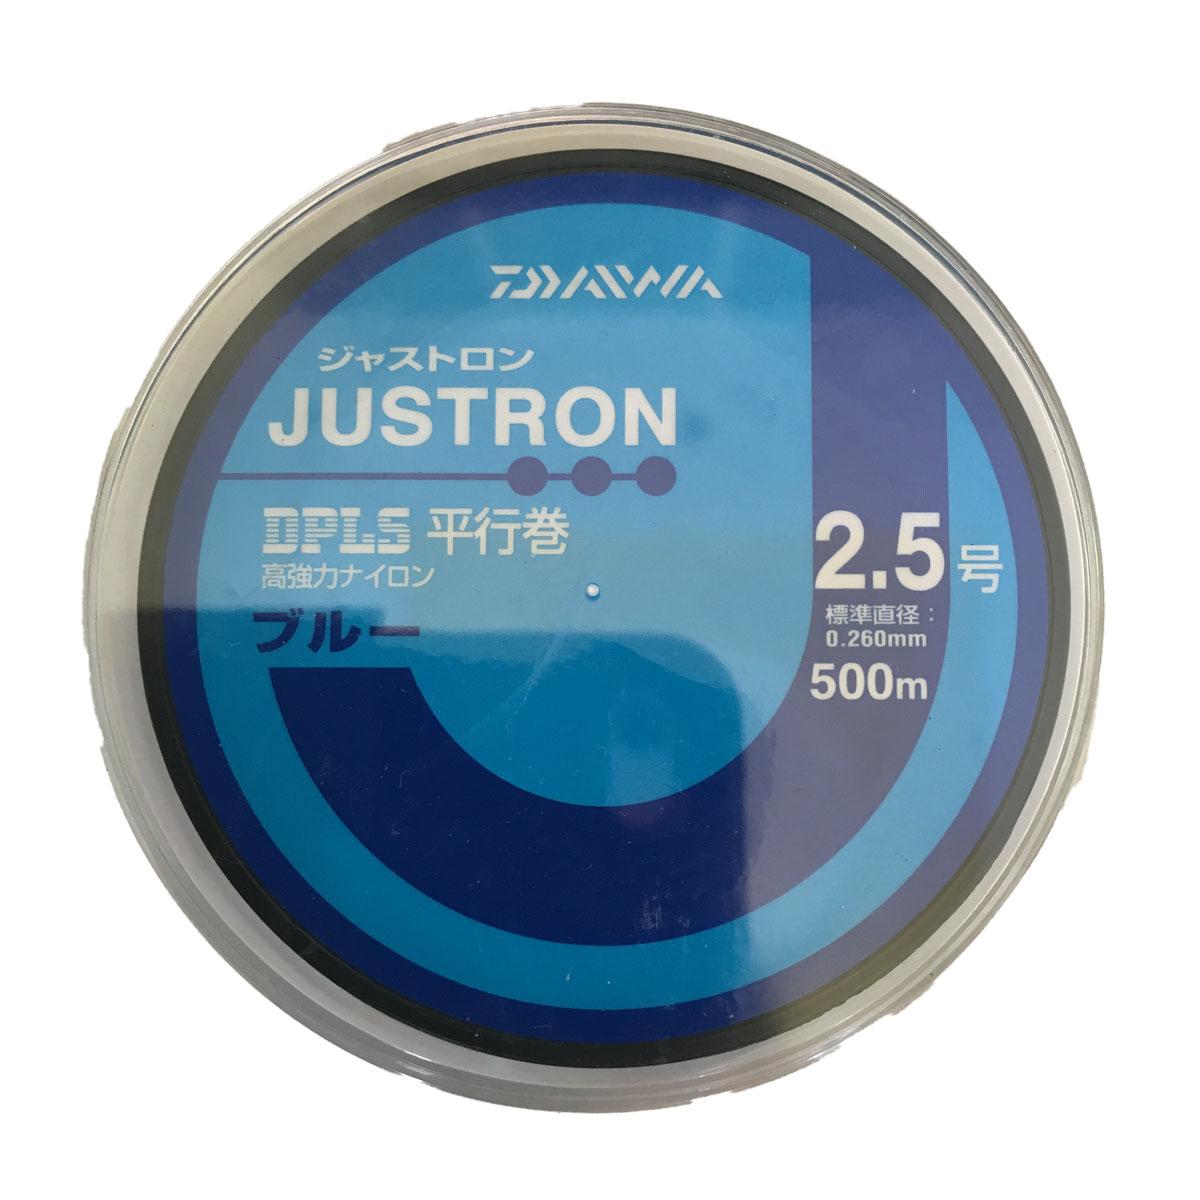 Dây Cước Câu Cá Daiwa Justron Xanh Dương Cuộn 500mCH